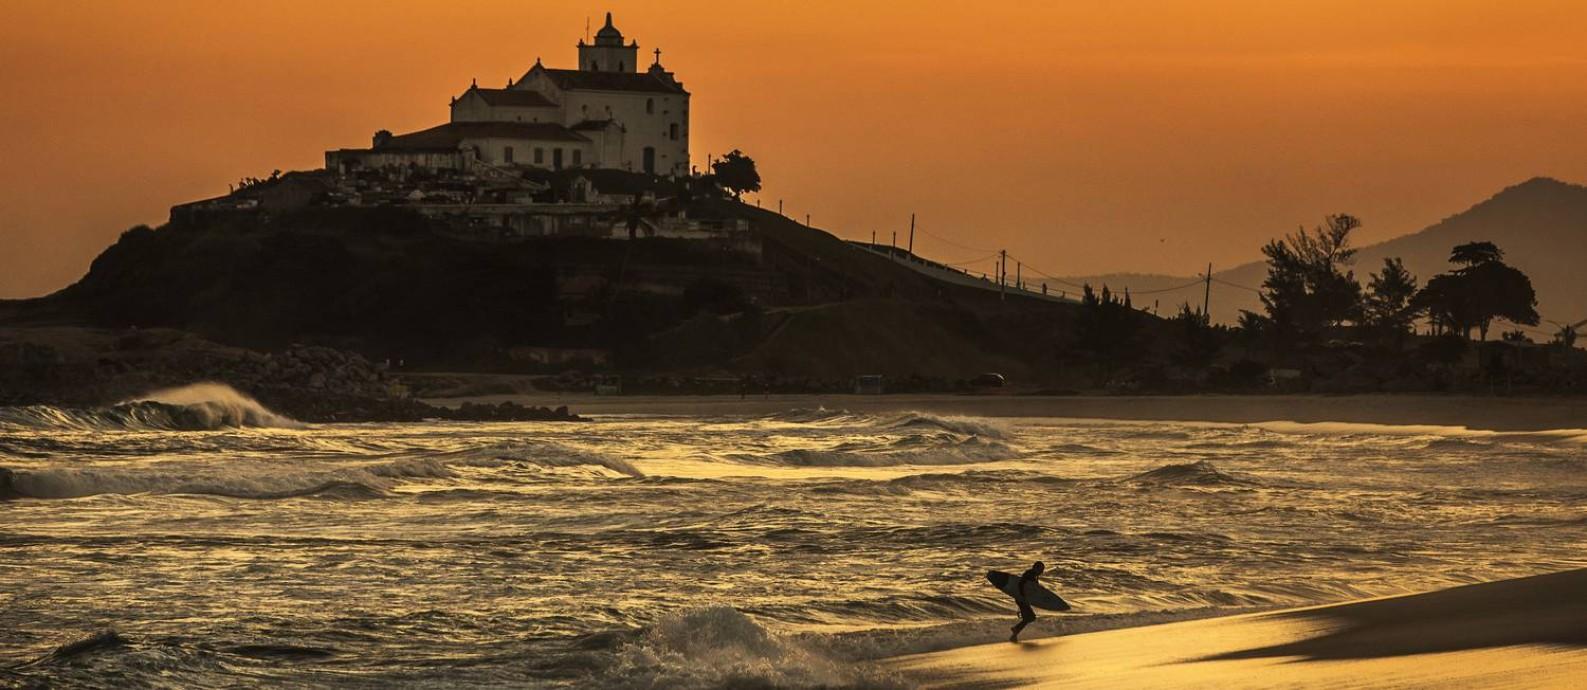 Palco da etapa brasileira do circuito mundial de surfe, Saquarema receberá o campeonato de 20 a 29 de maio de 2021 Foto: Guito Moreto / Agência O Globo